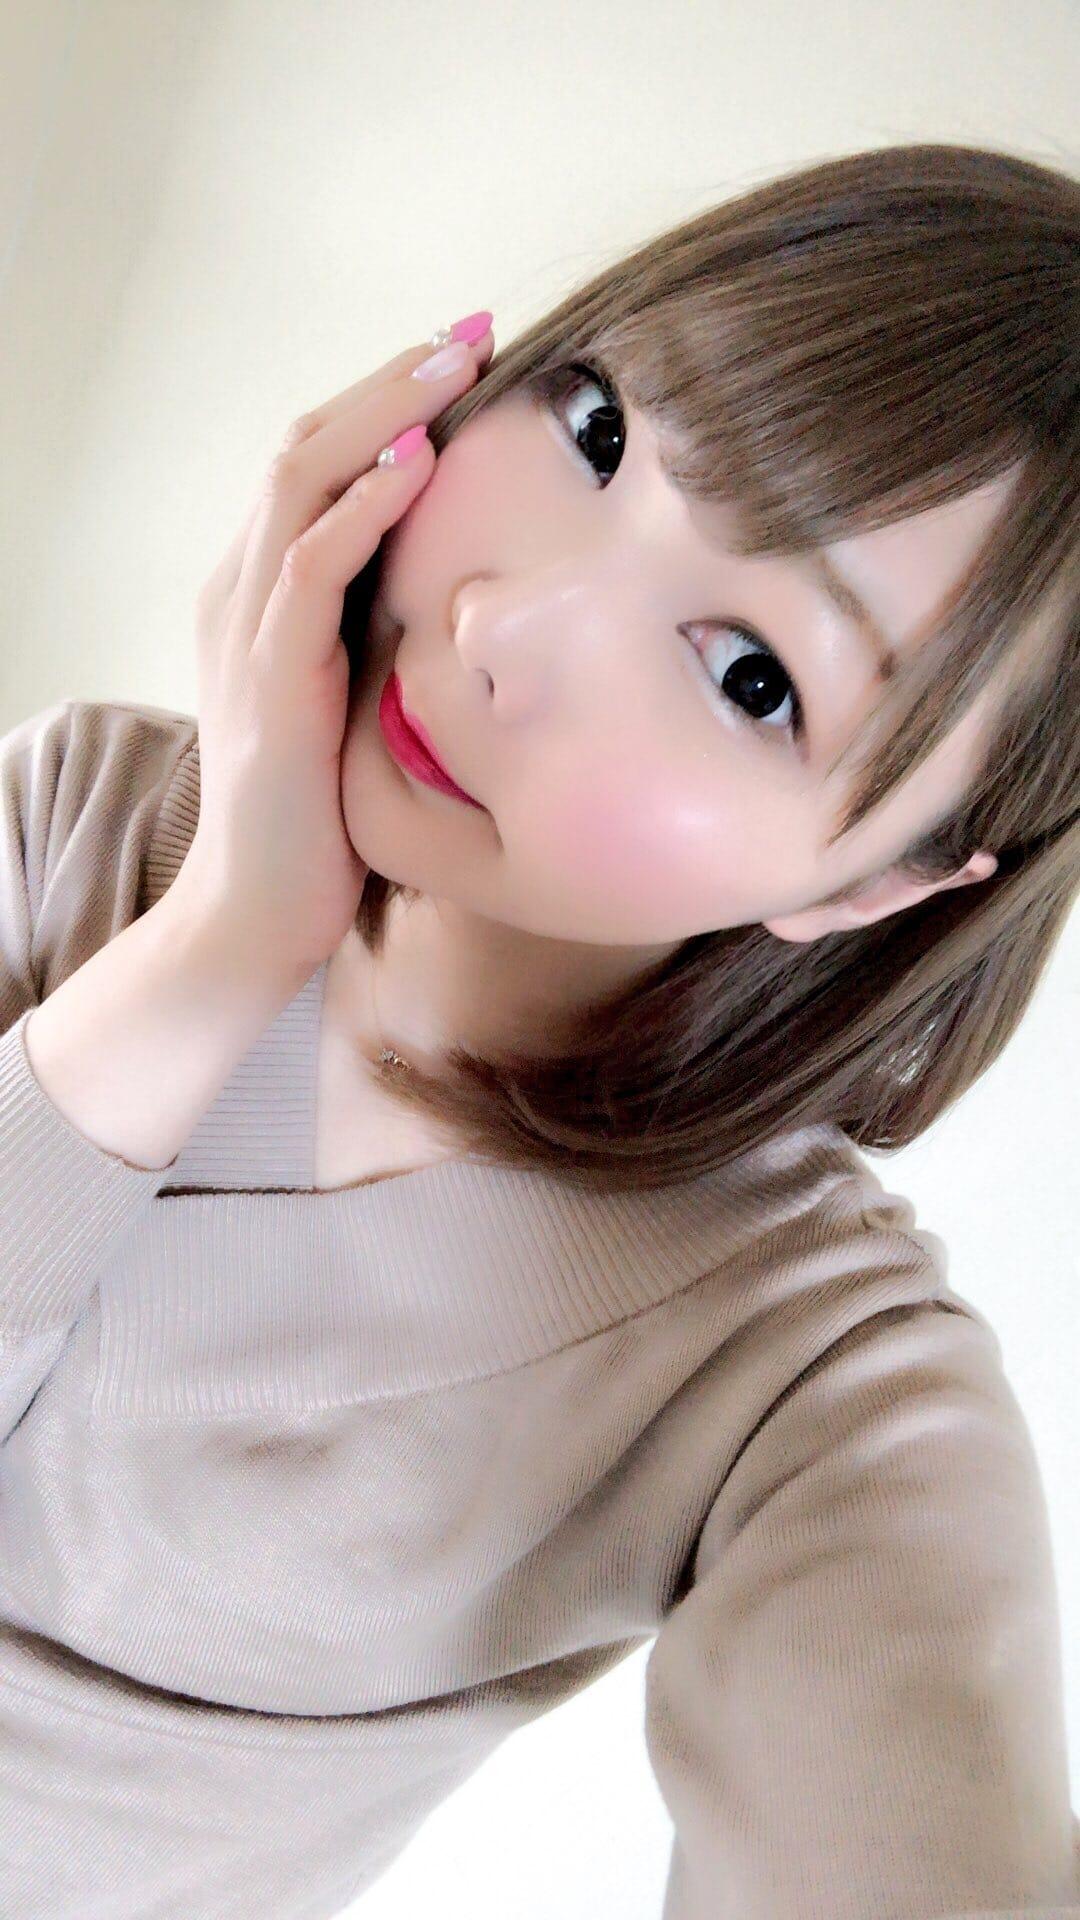 「昨日のお礼...ニューパレス」01/23(01/23) 18:52   増田ゆめの写メ・風俗動画